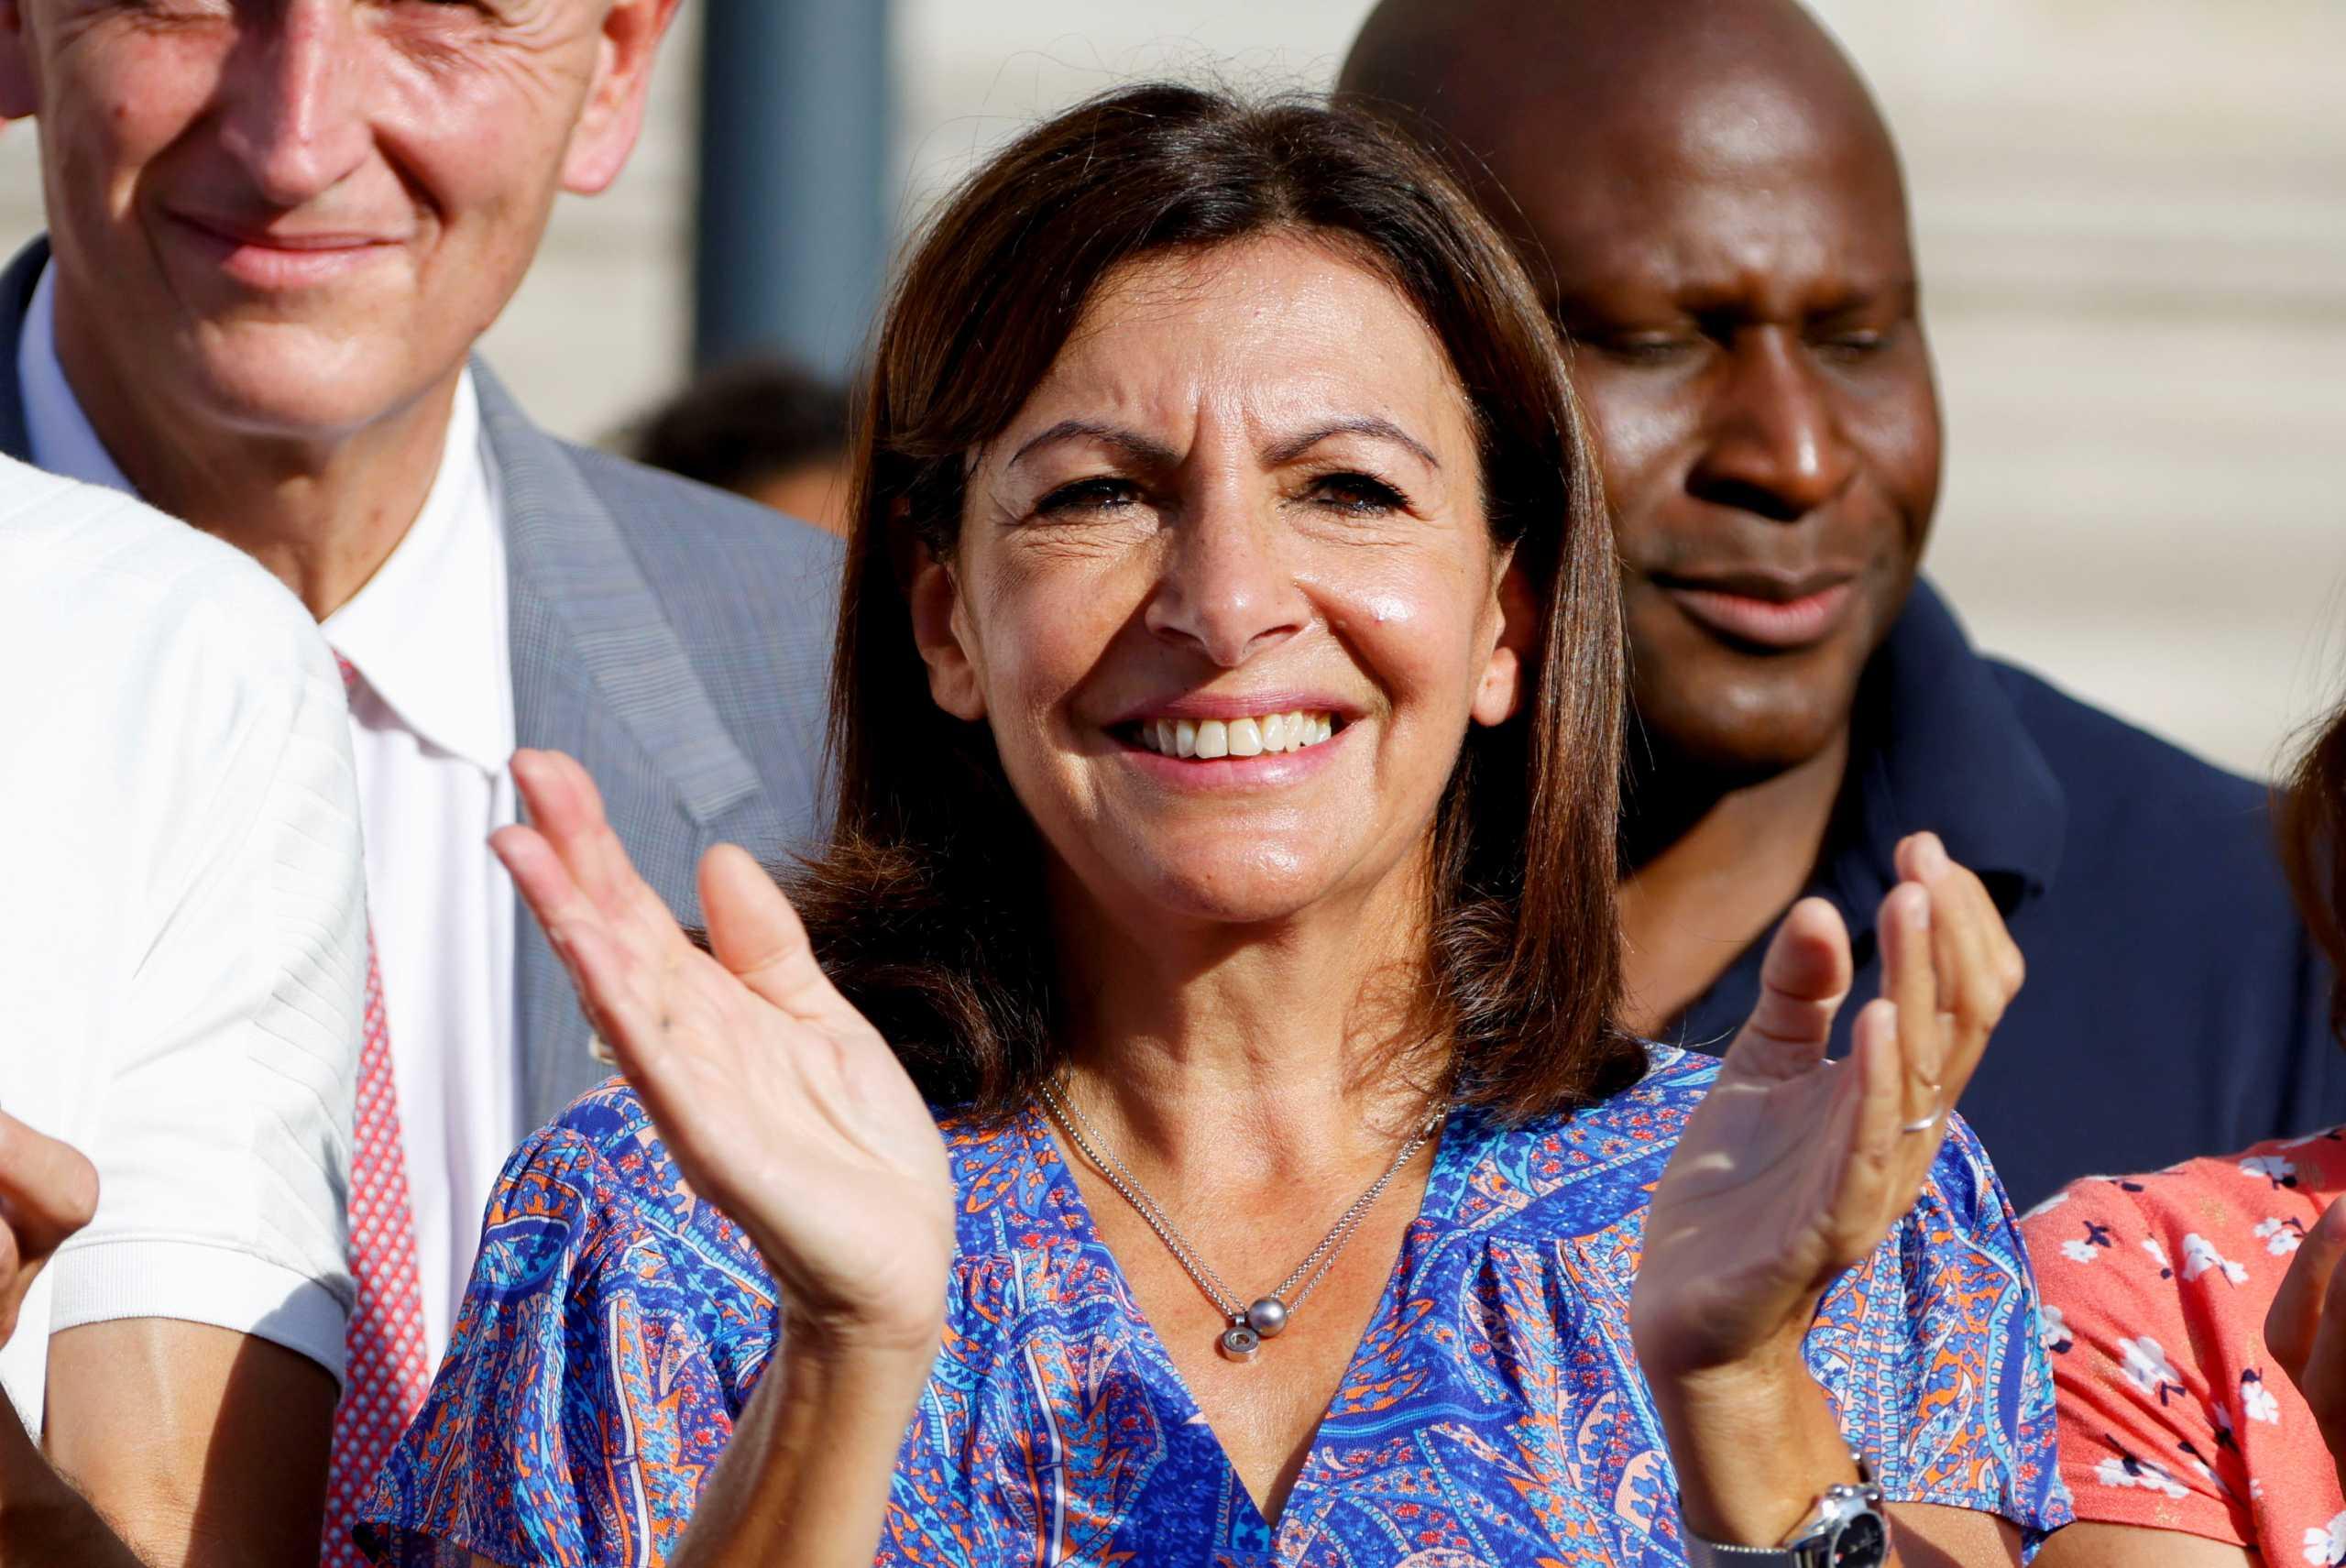 Γαλλία: Η δήμαρχος του Παρισίου ανακοίνωσε την υποψηφιότητα για τη γαλλική προεδρία